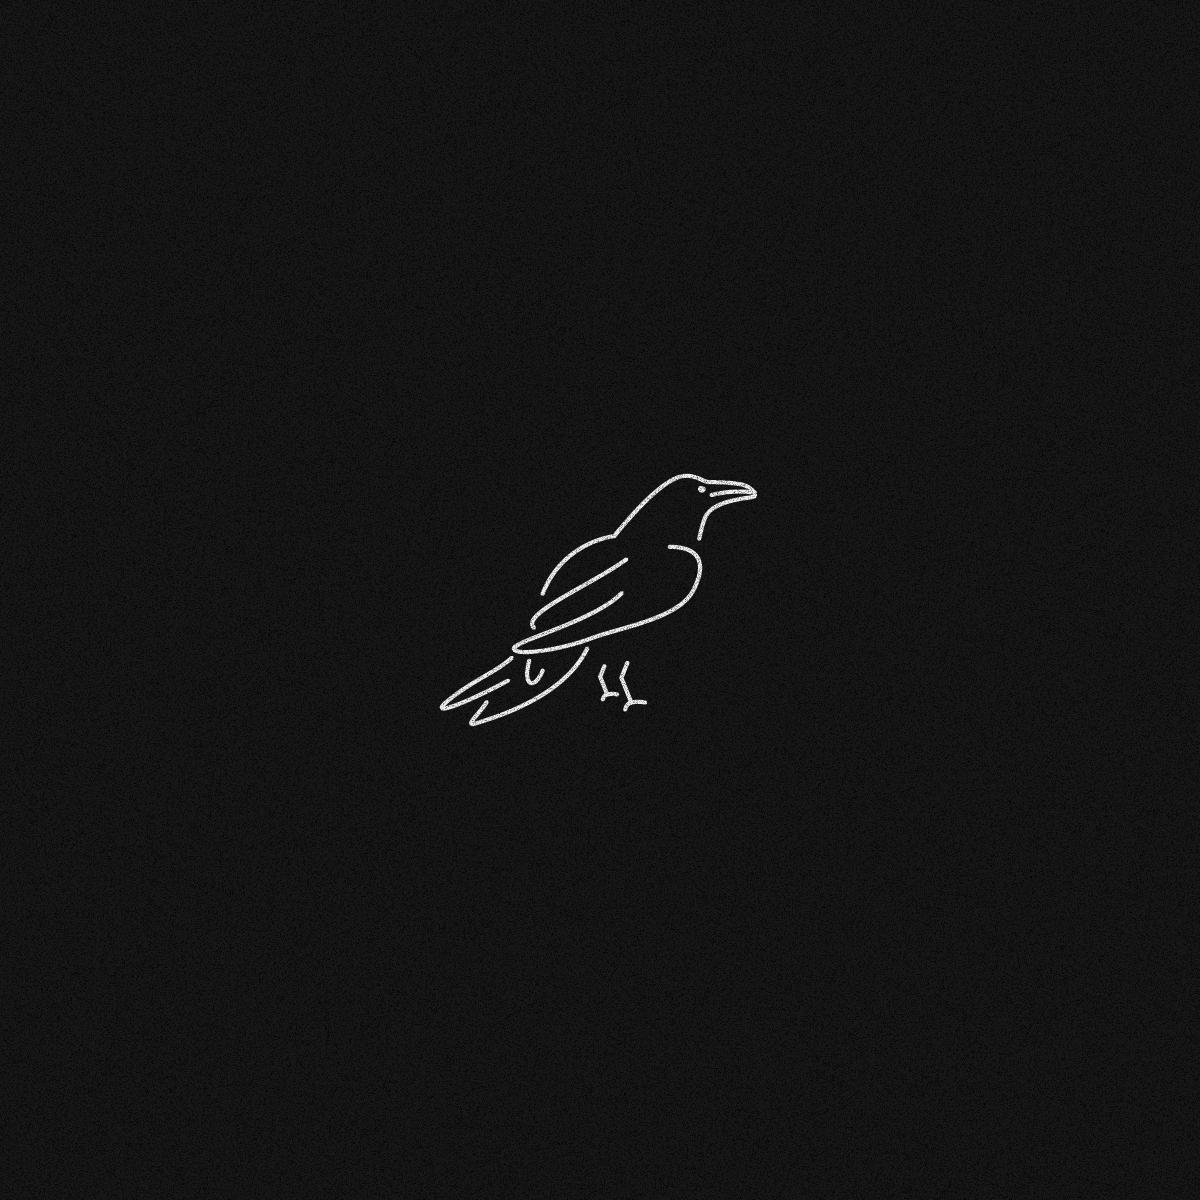 Raven-01